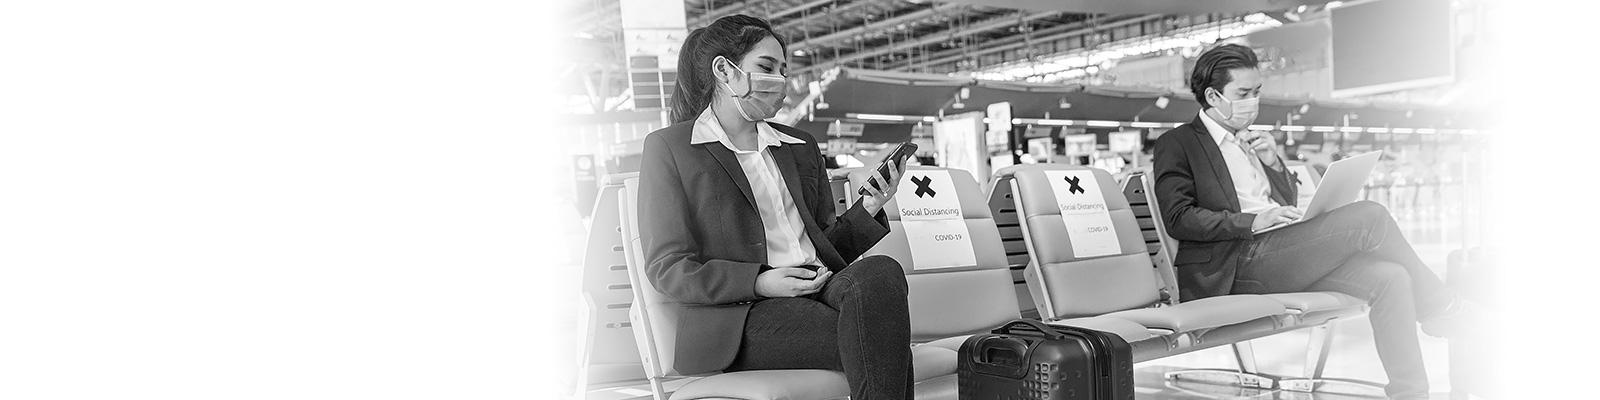 空港 コロナ スマートフォン イメージ